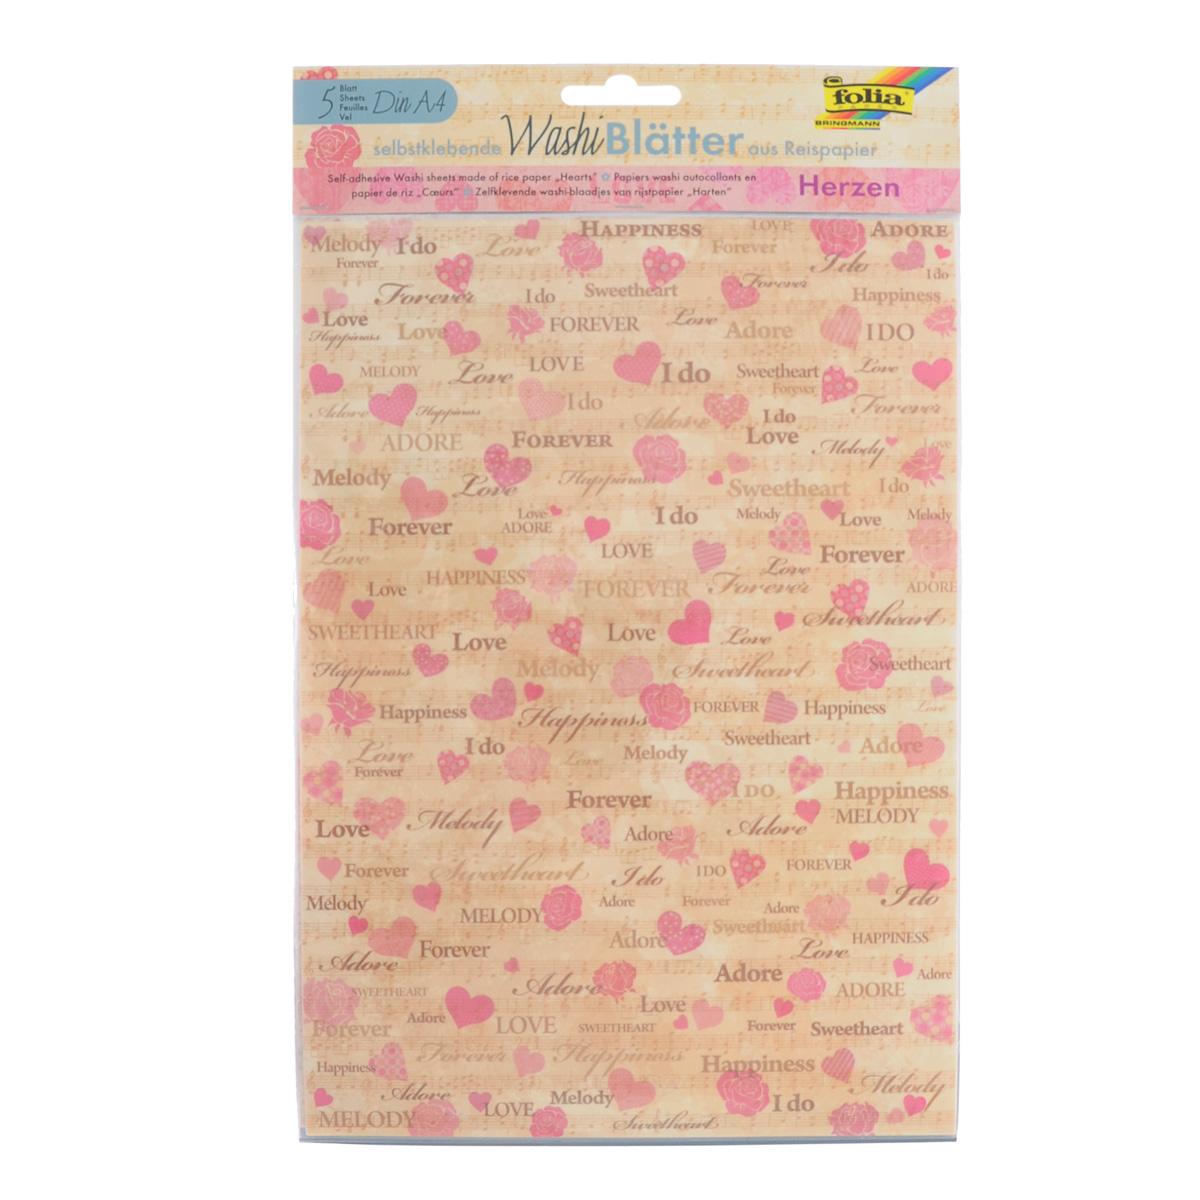 Рисовая бумага Folia Сердечки, самоклеящаяся, 29,5 x 21 см, 5 листов7707992Рисовая бумага Folia Сердечки - бумага с матовой поверхностью, которая используется для изготовления открыток, для скрапбукинга и других декоративных или дизайнерских работ. Бумага декорирована различными изображениями сердечек. Она имеет самоклеящуюся пленку, позволяющую удаление и повторное приклеивание, что обеспечивает большие творческие возможности. Изделие имеет отличное сцепление с бумагой, обоями, тканью и гладкими поверхностями, такими как металл, стекло и т.д. без специальной подготовки.